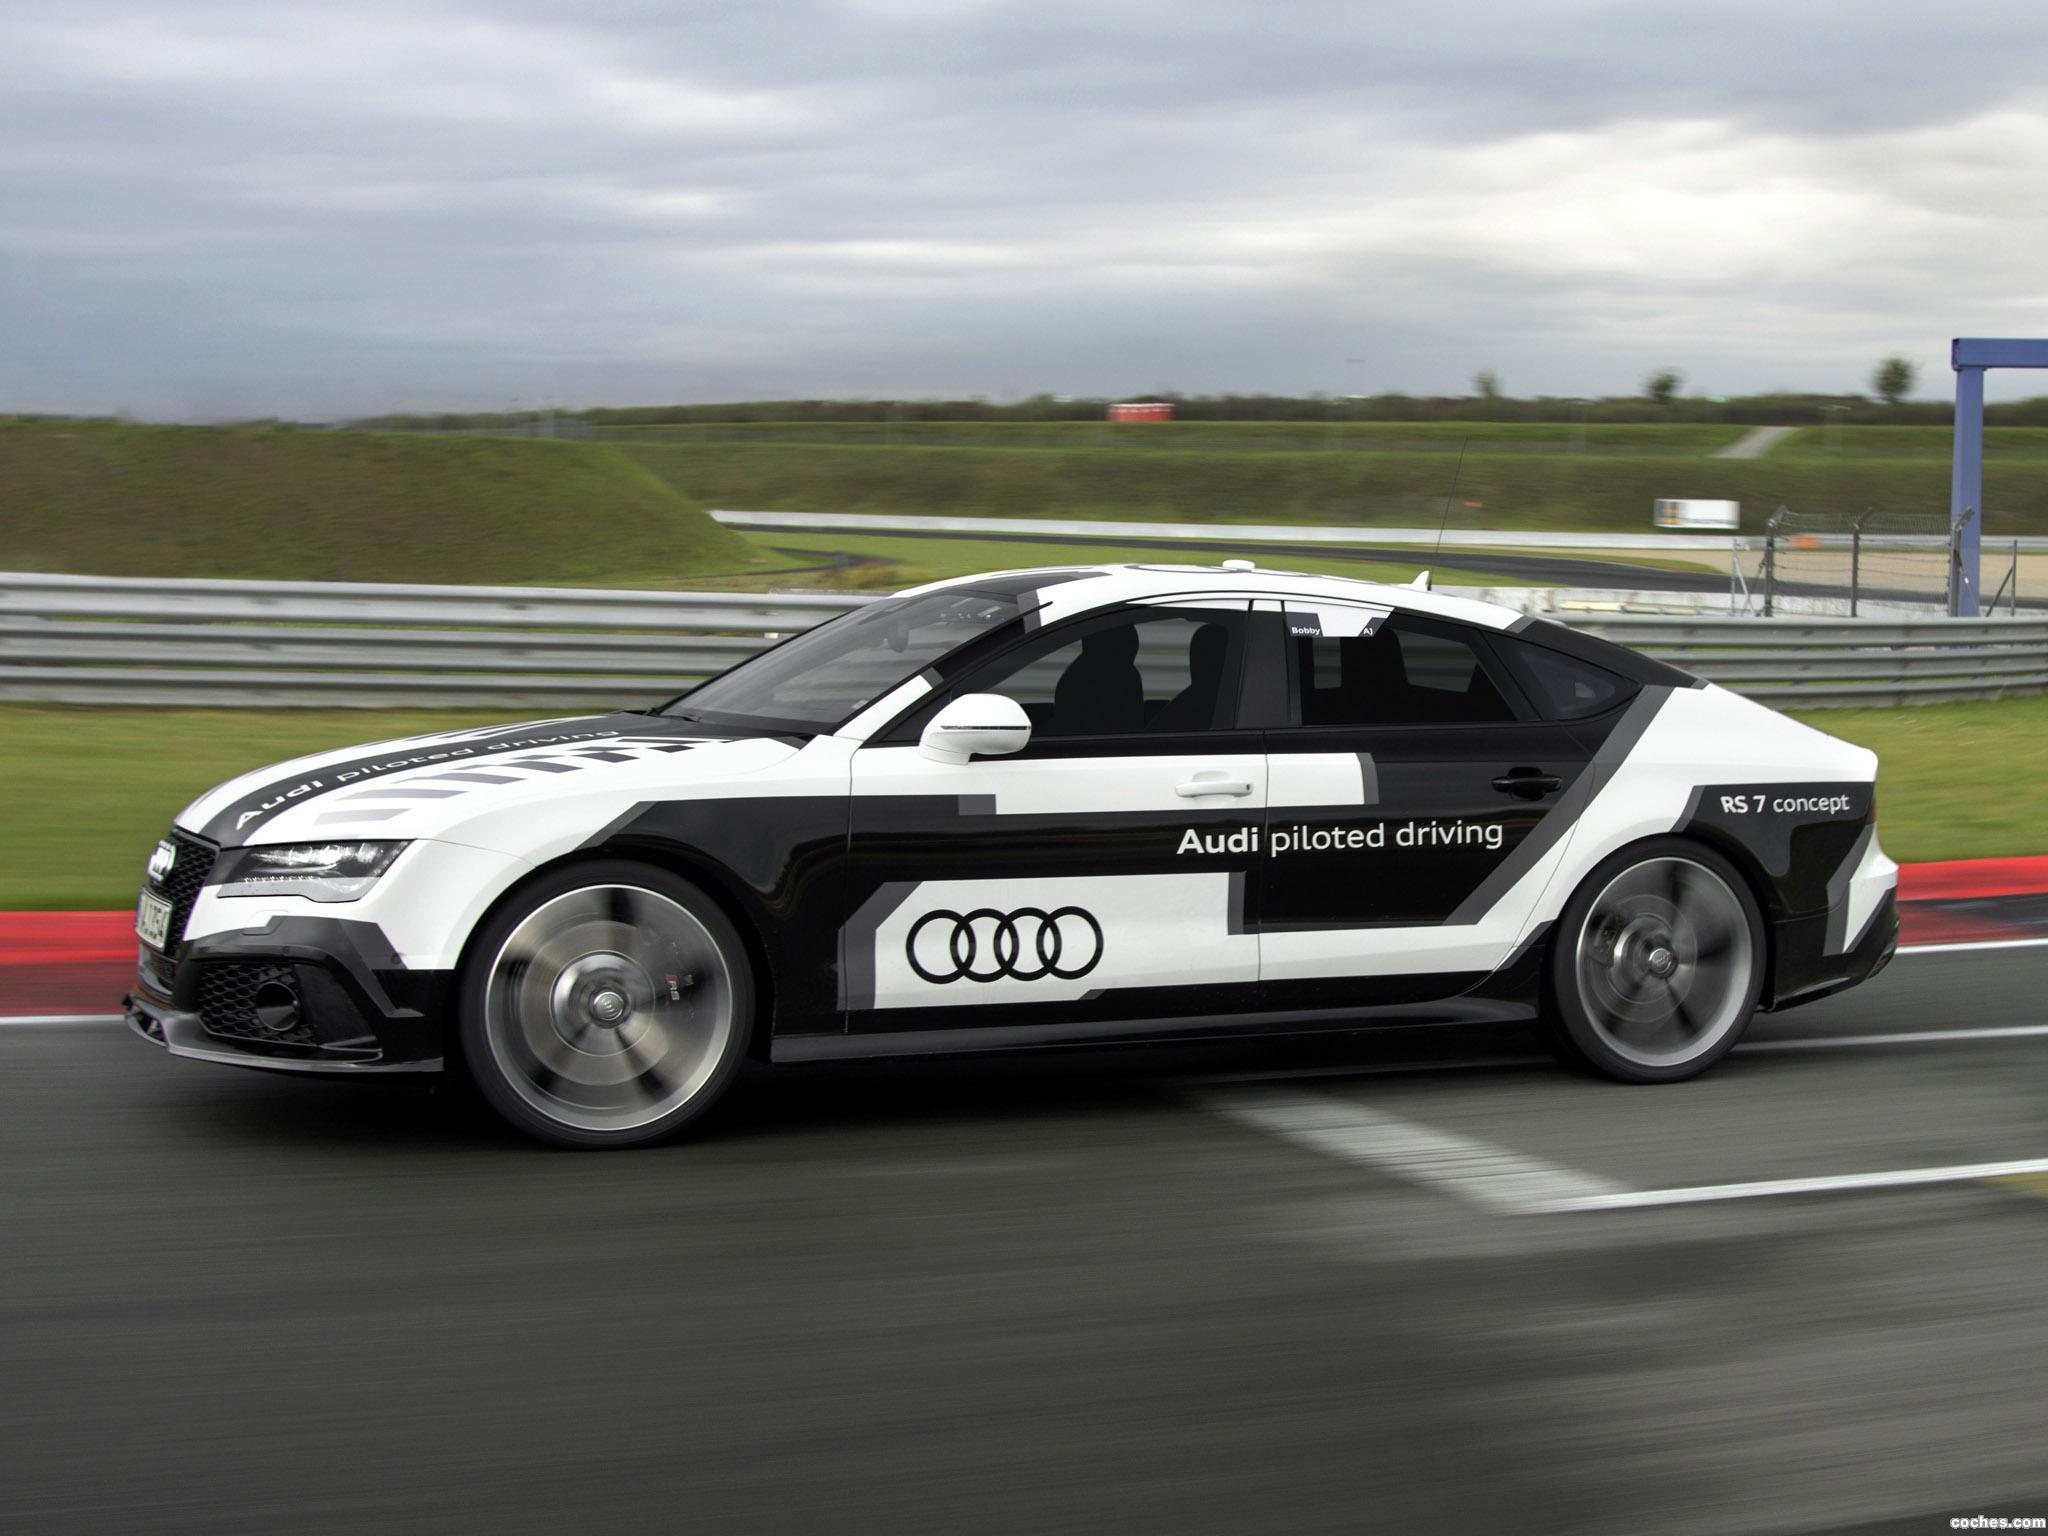 Foto 1 de Audi RS7 Piloted Driving Concept 2014